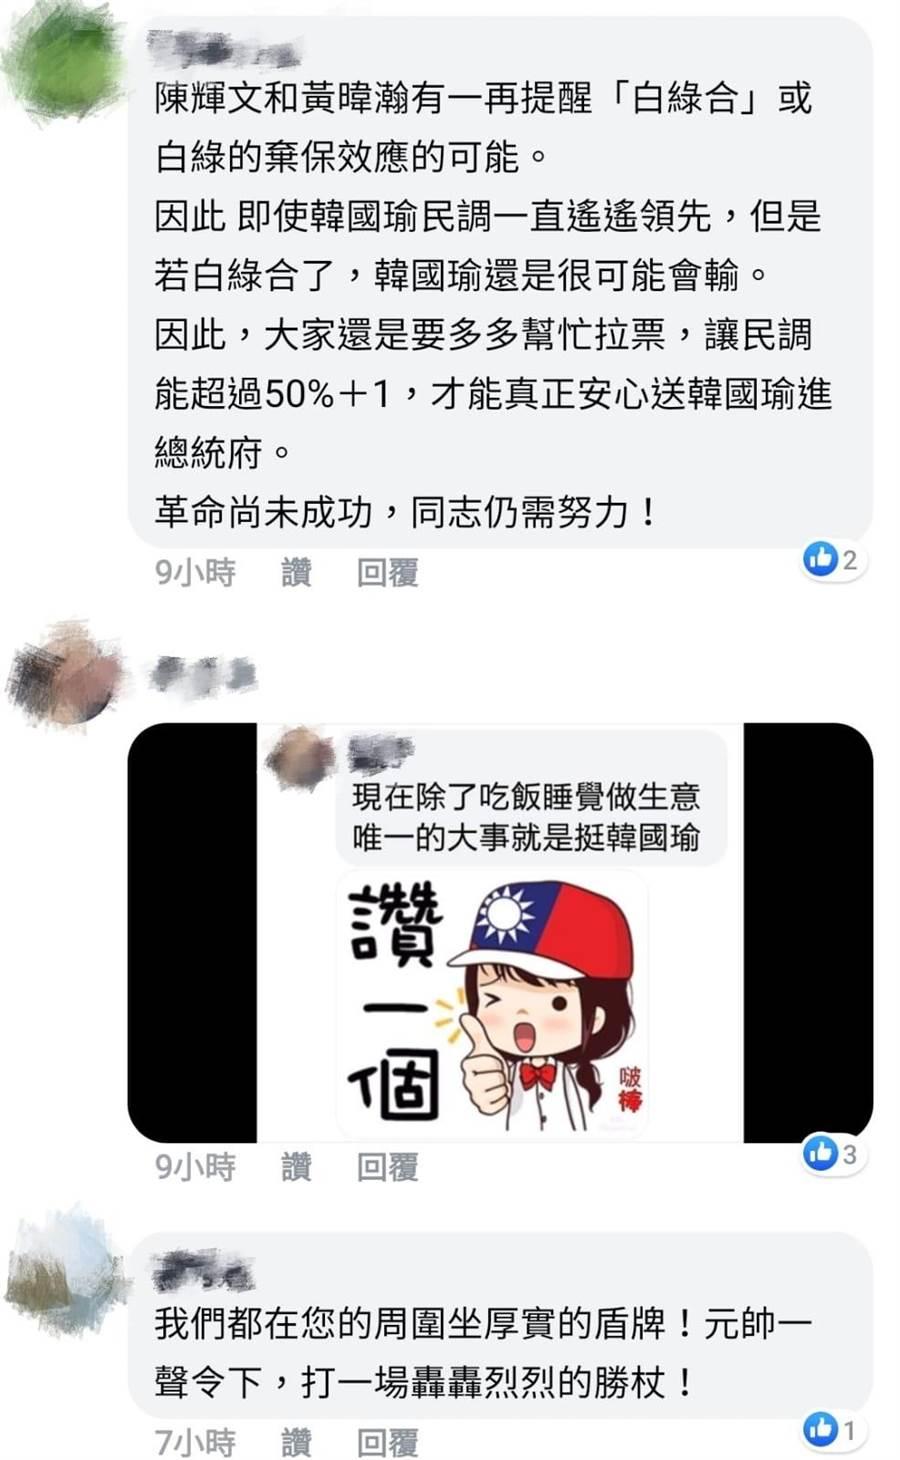 網友臉書留言。(圖/翻攝自臉書「唯一力挺韓國瑜~非韓不投」)